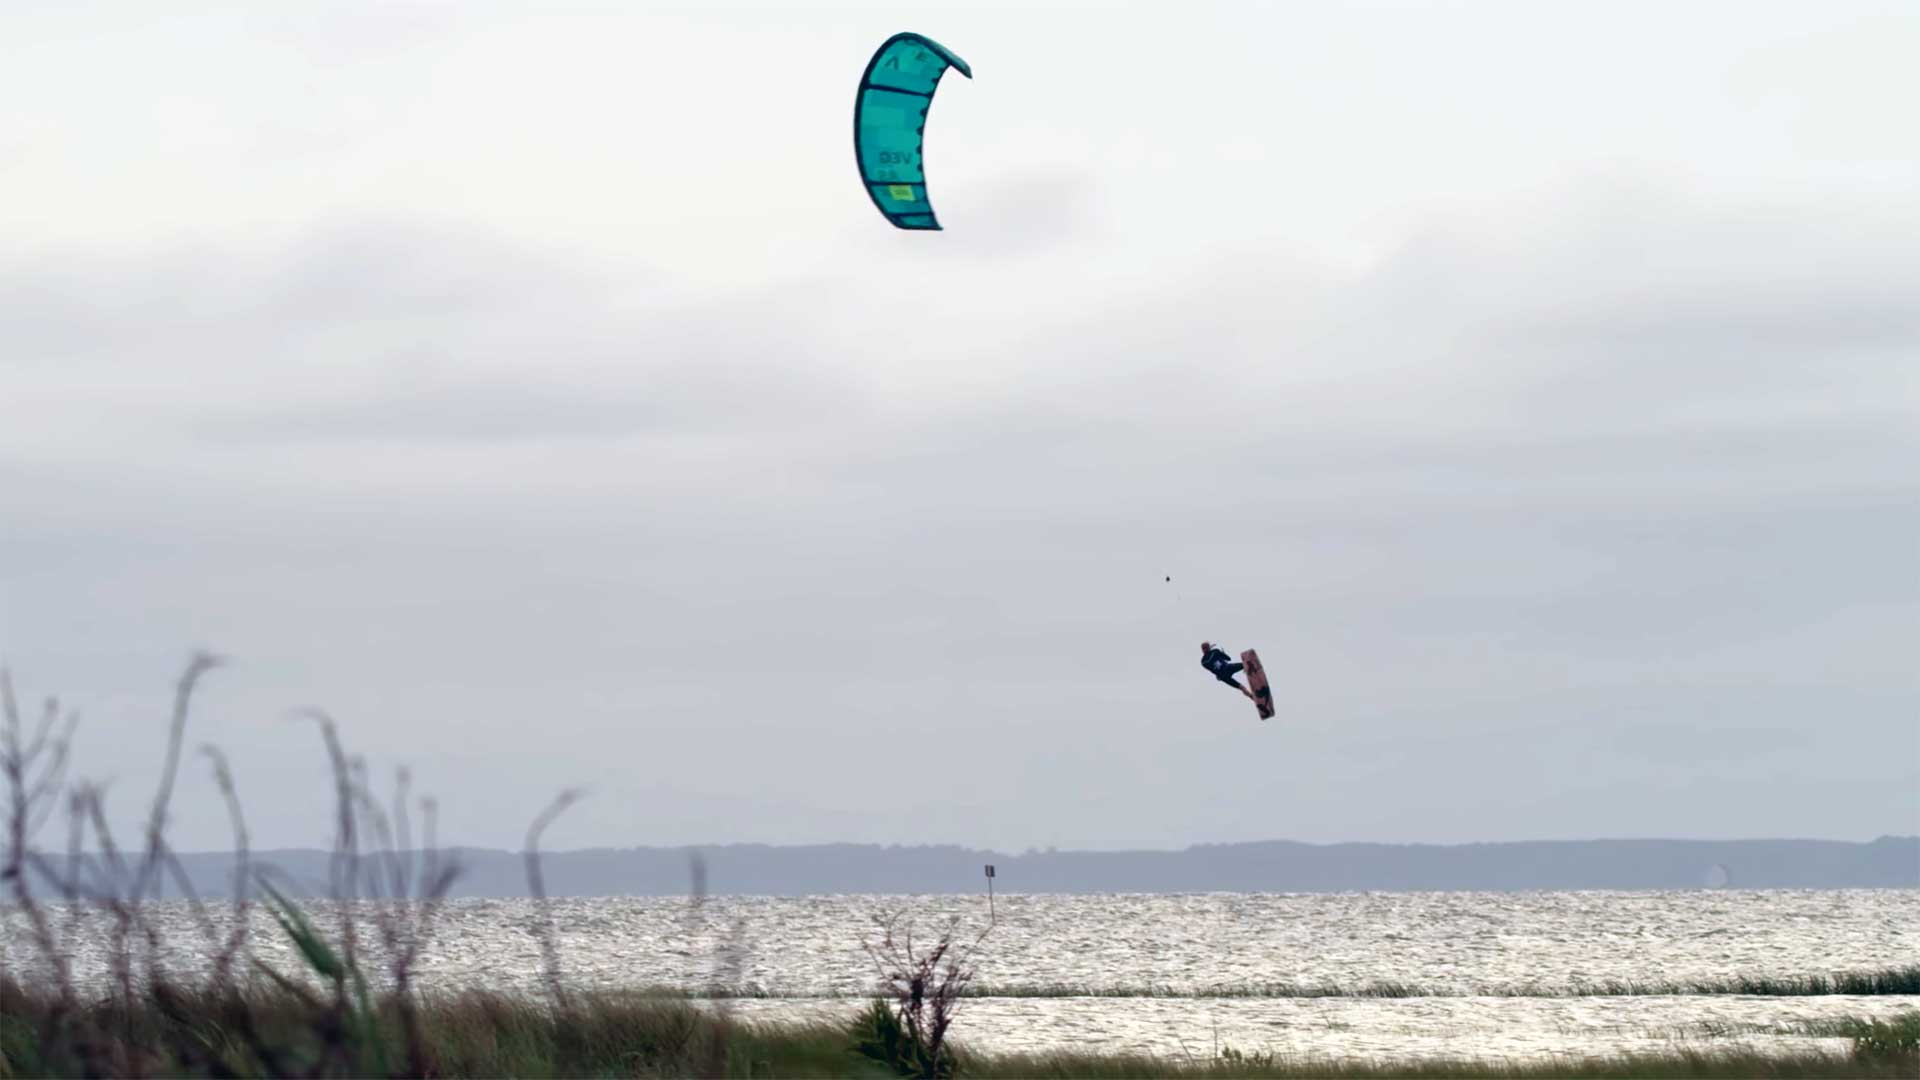 kiteloop backroll kitesurf tutorial